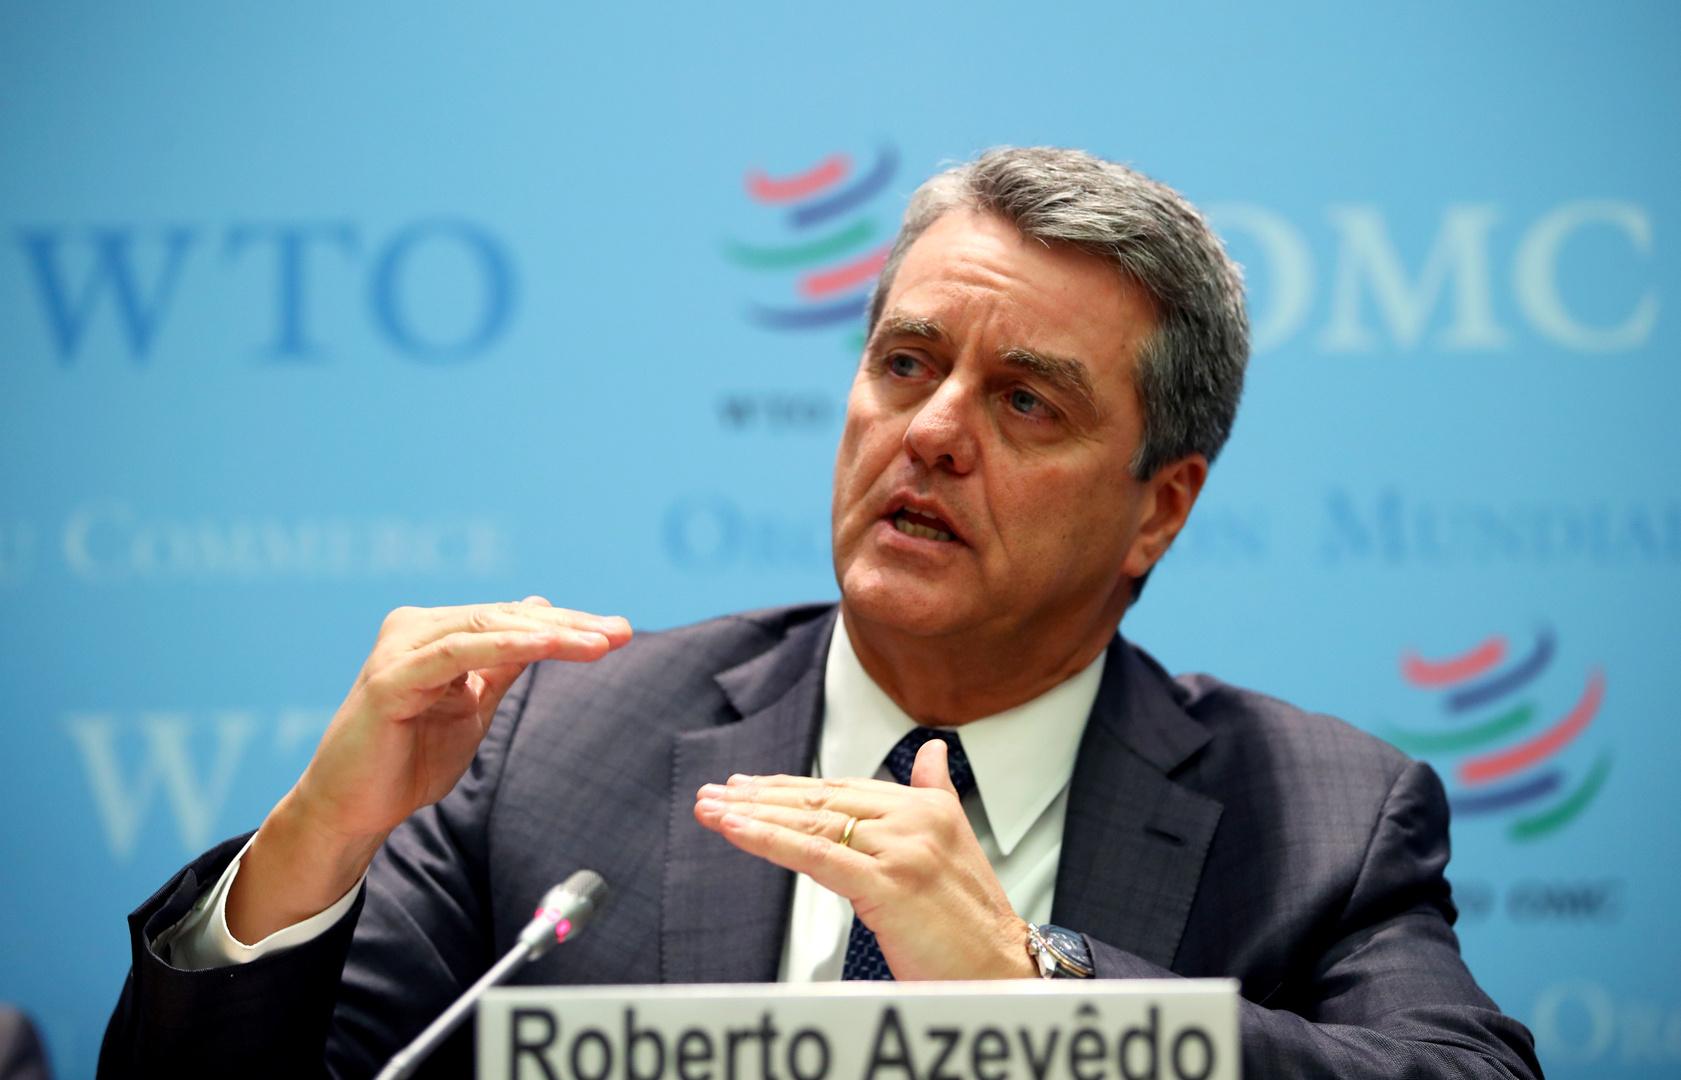 منظمة التجارة العالمية: التبعات الاقتصادية لجائحة فيروس كورونا ستكون أكبر من تداعيات أزمة 2008